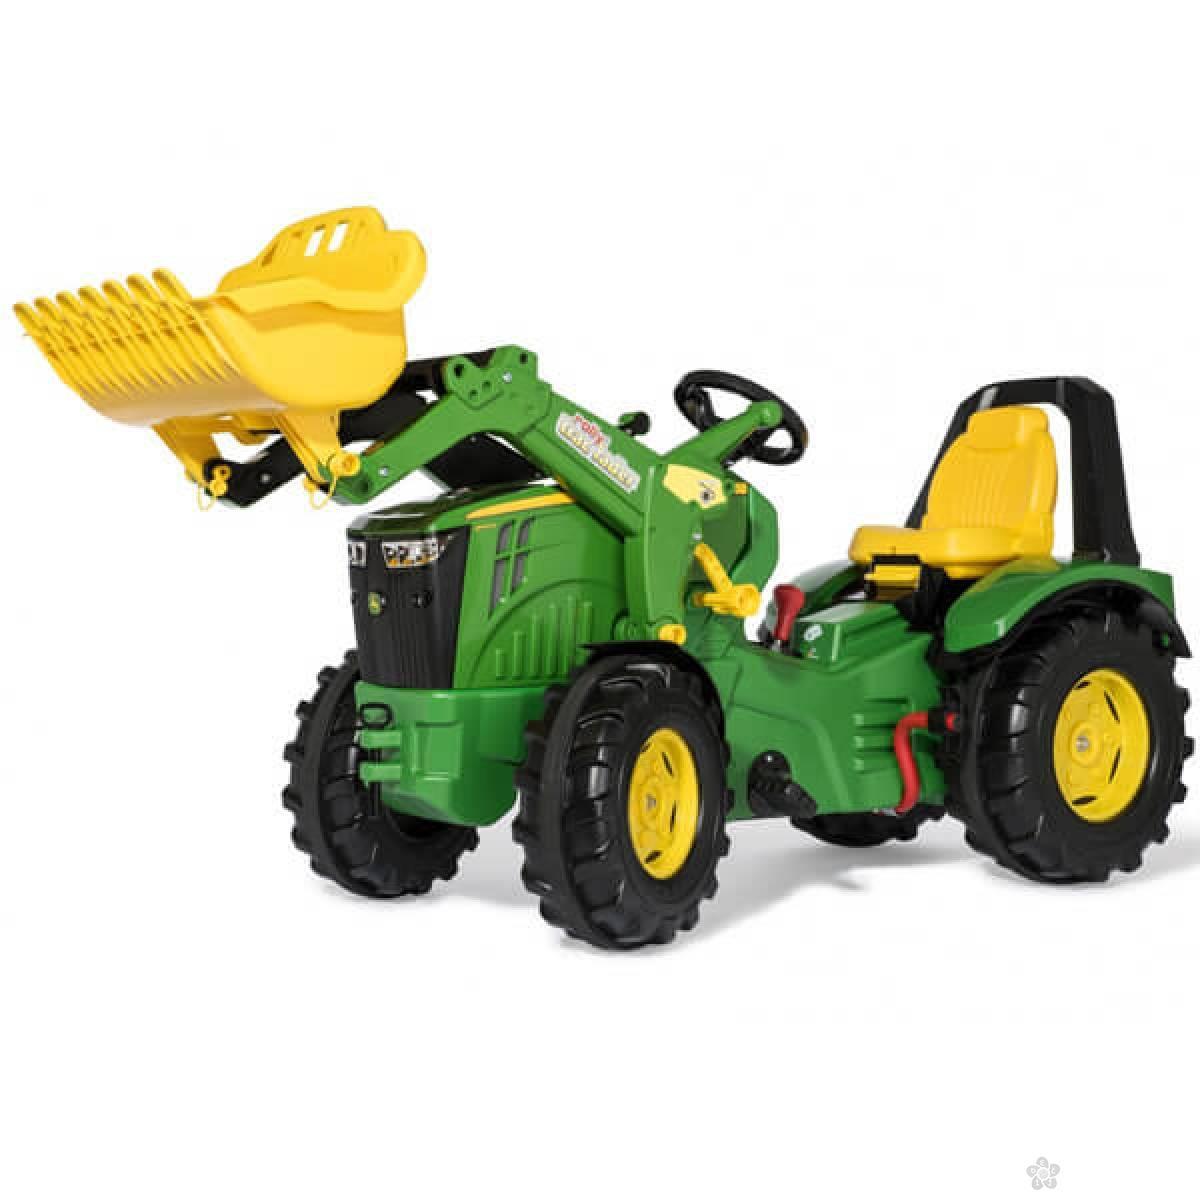 Traktor JD Premium sa utovarivačem i menjačem 651078